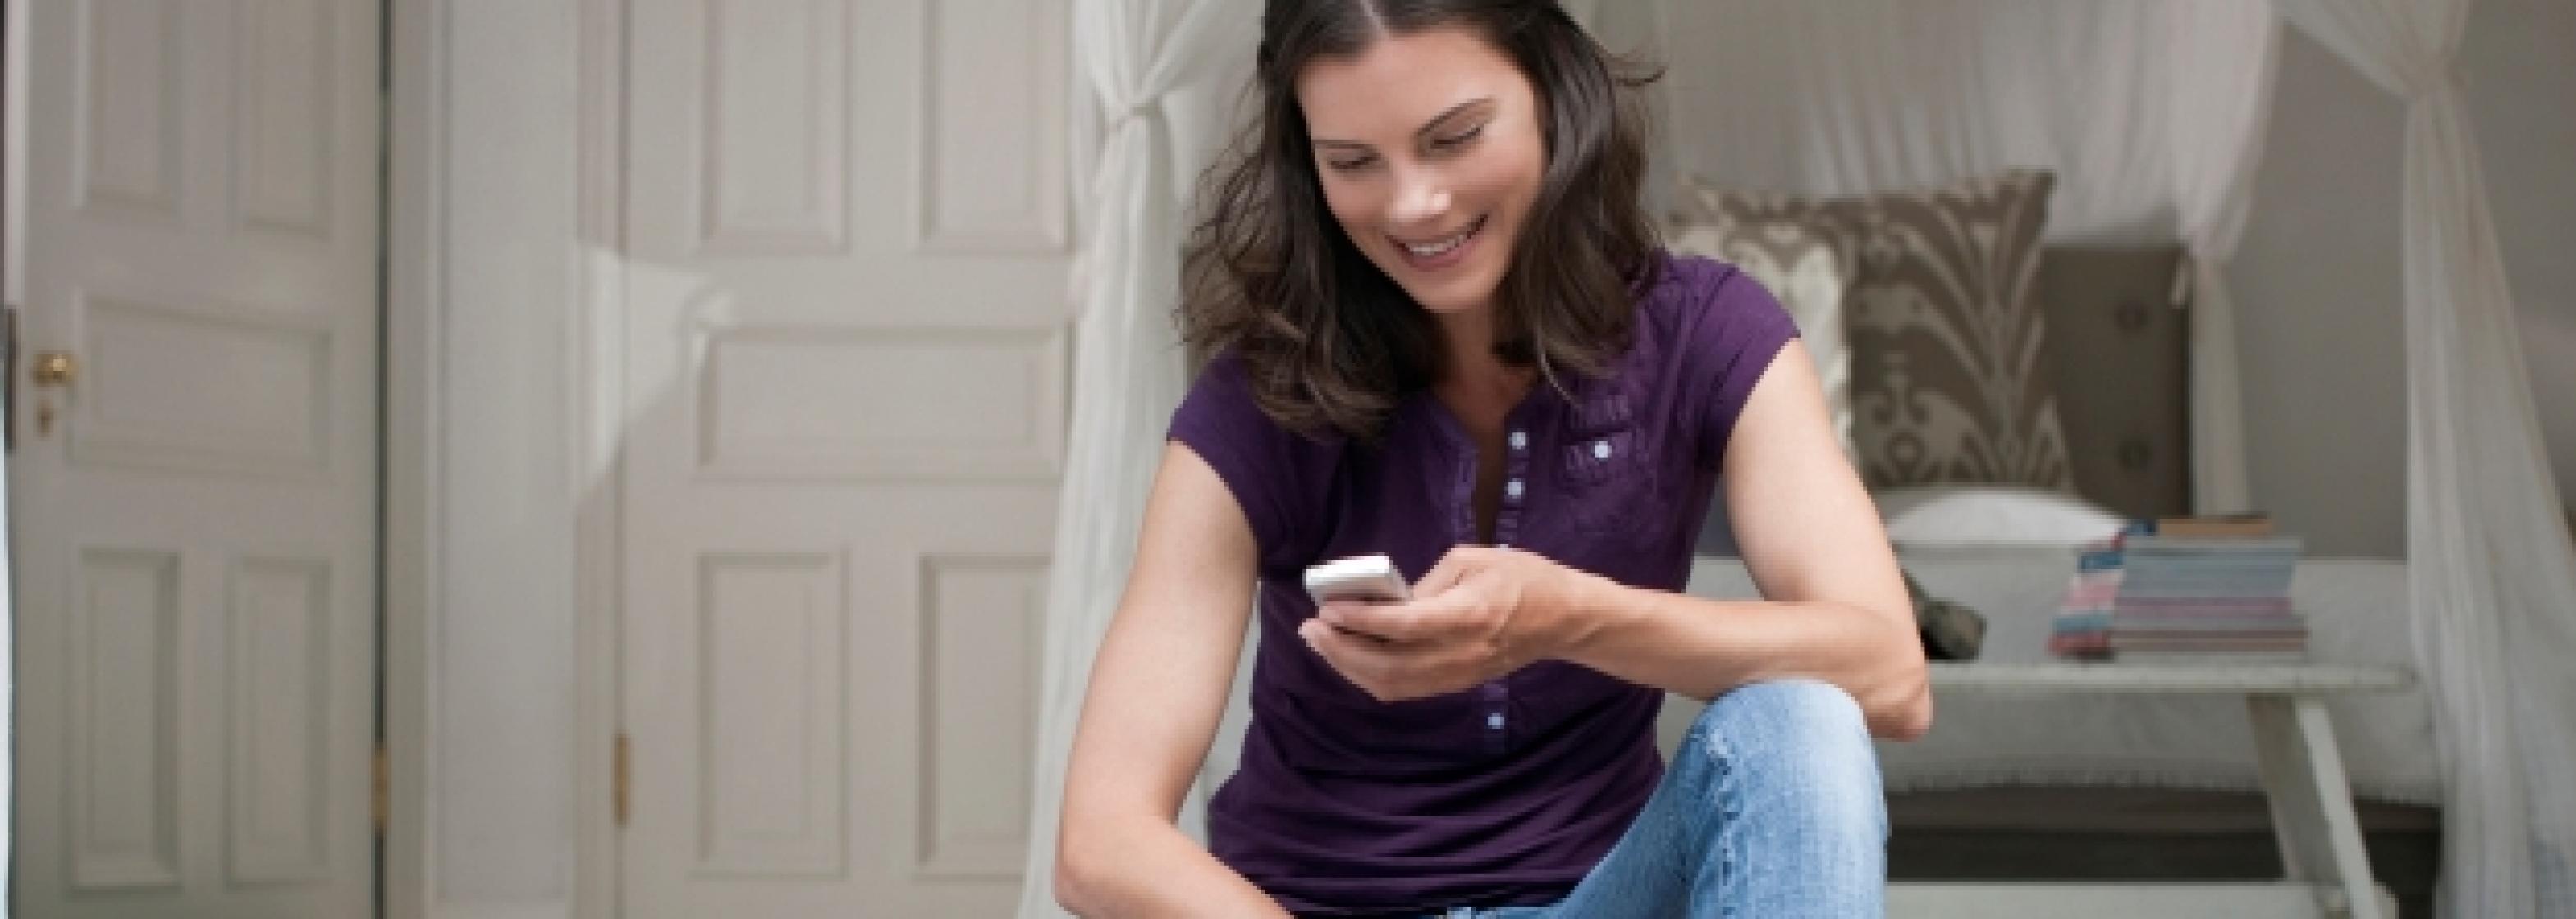 Frau auf Kissen mit Mobielfunkgerät